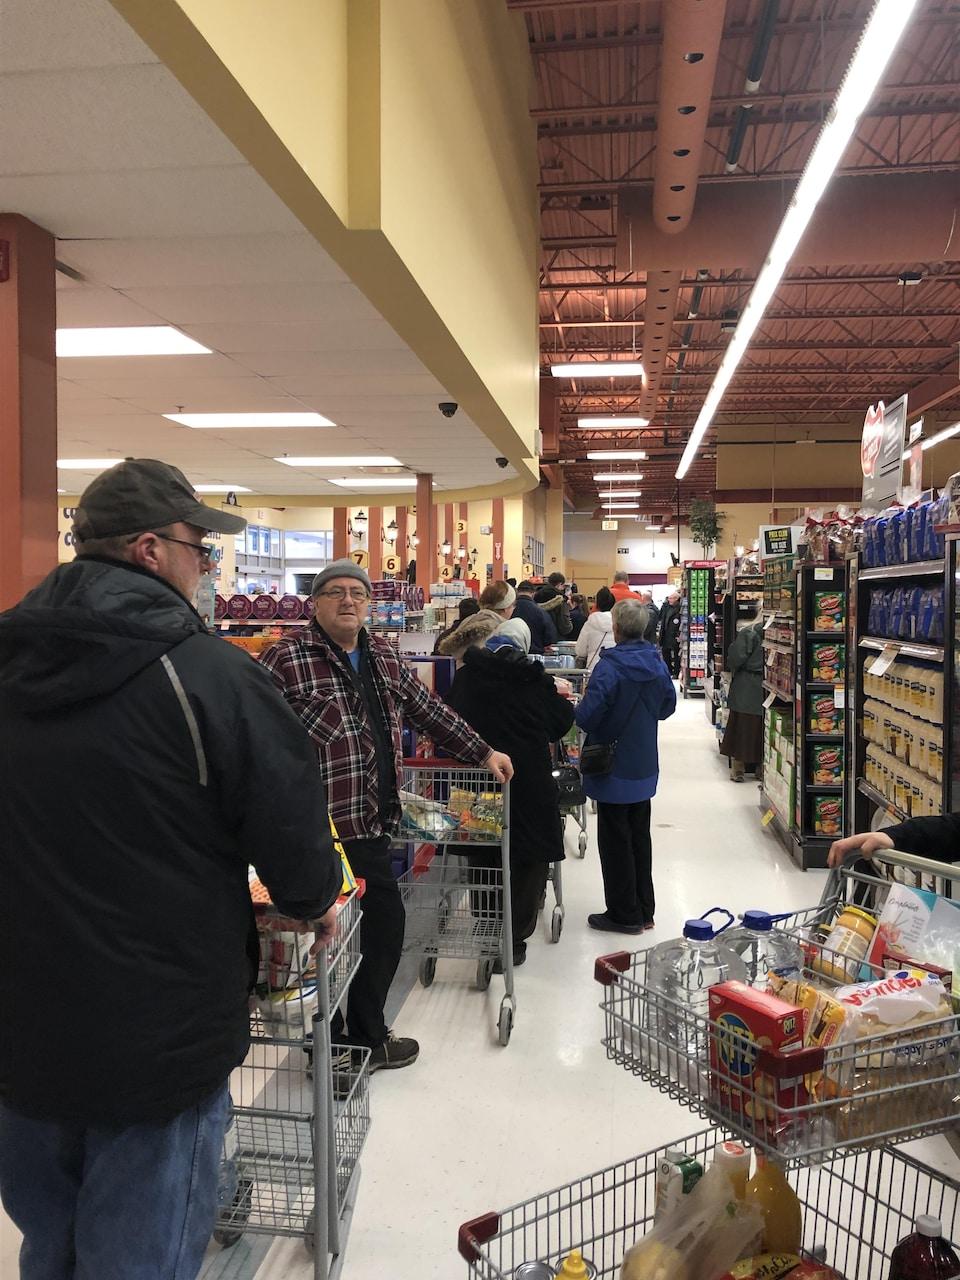 Plusieurs dizaines de personnes attendent à l'épicerie avec un panier plein.